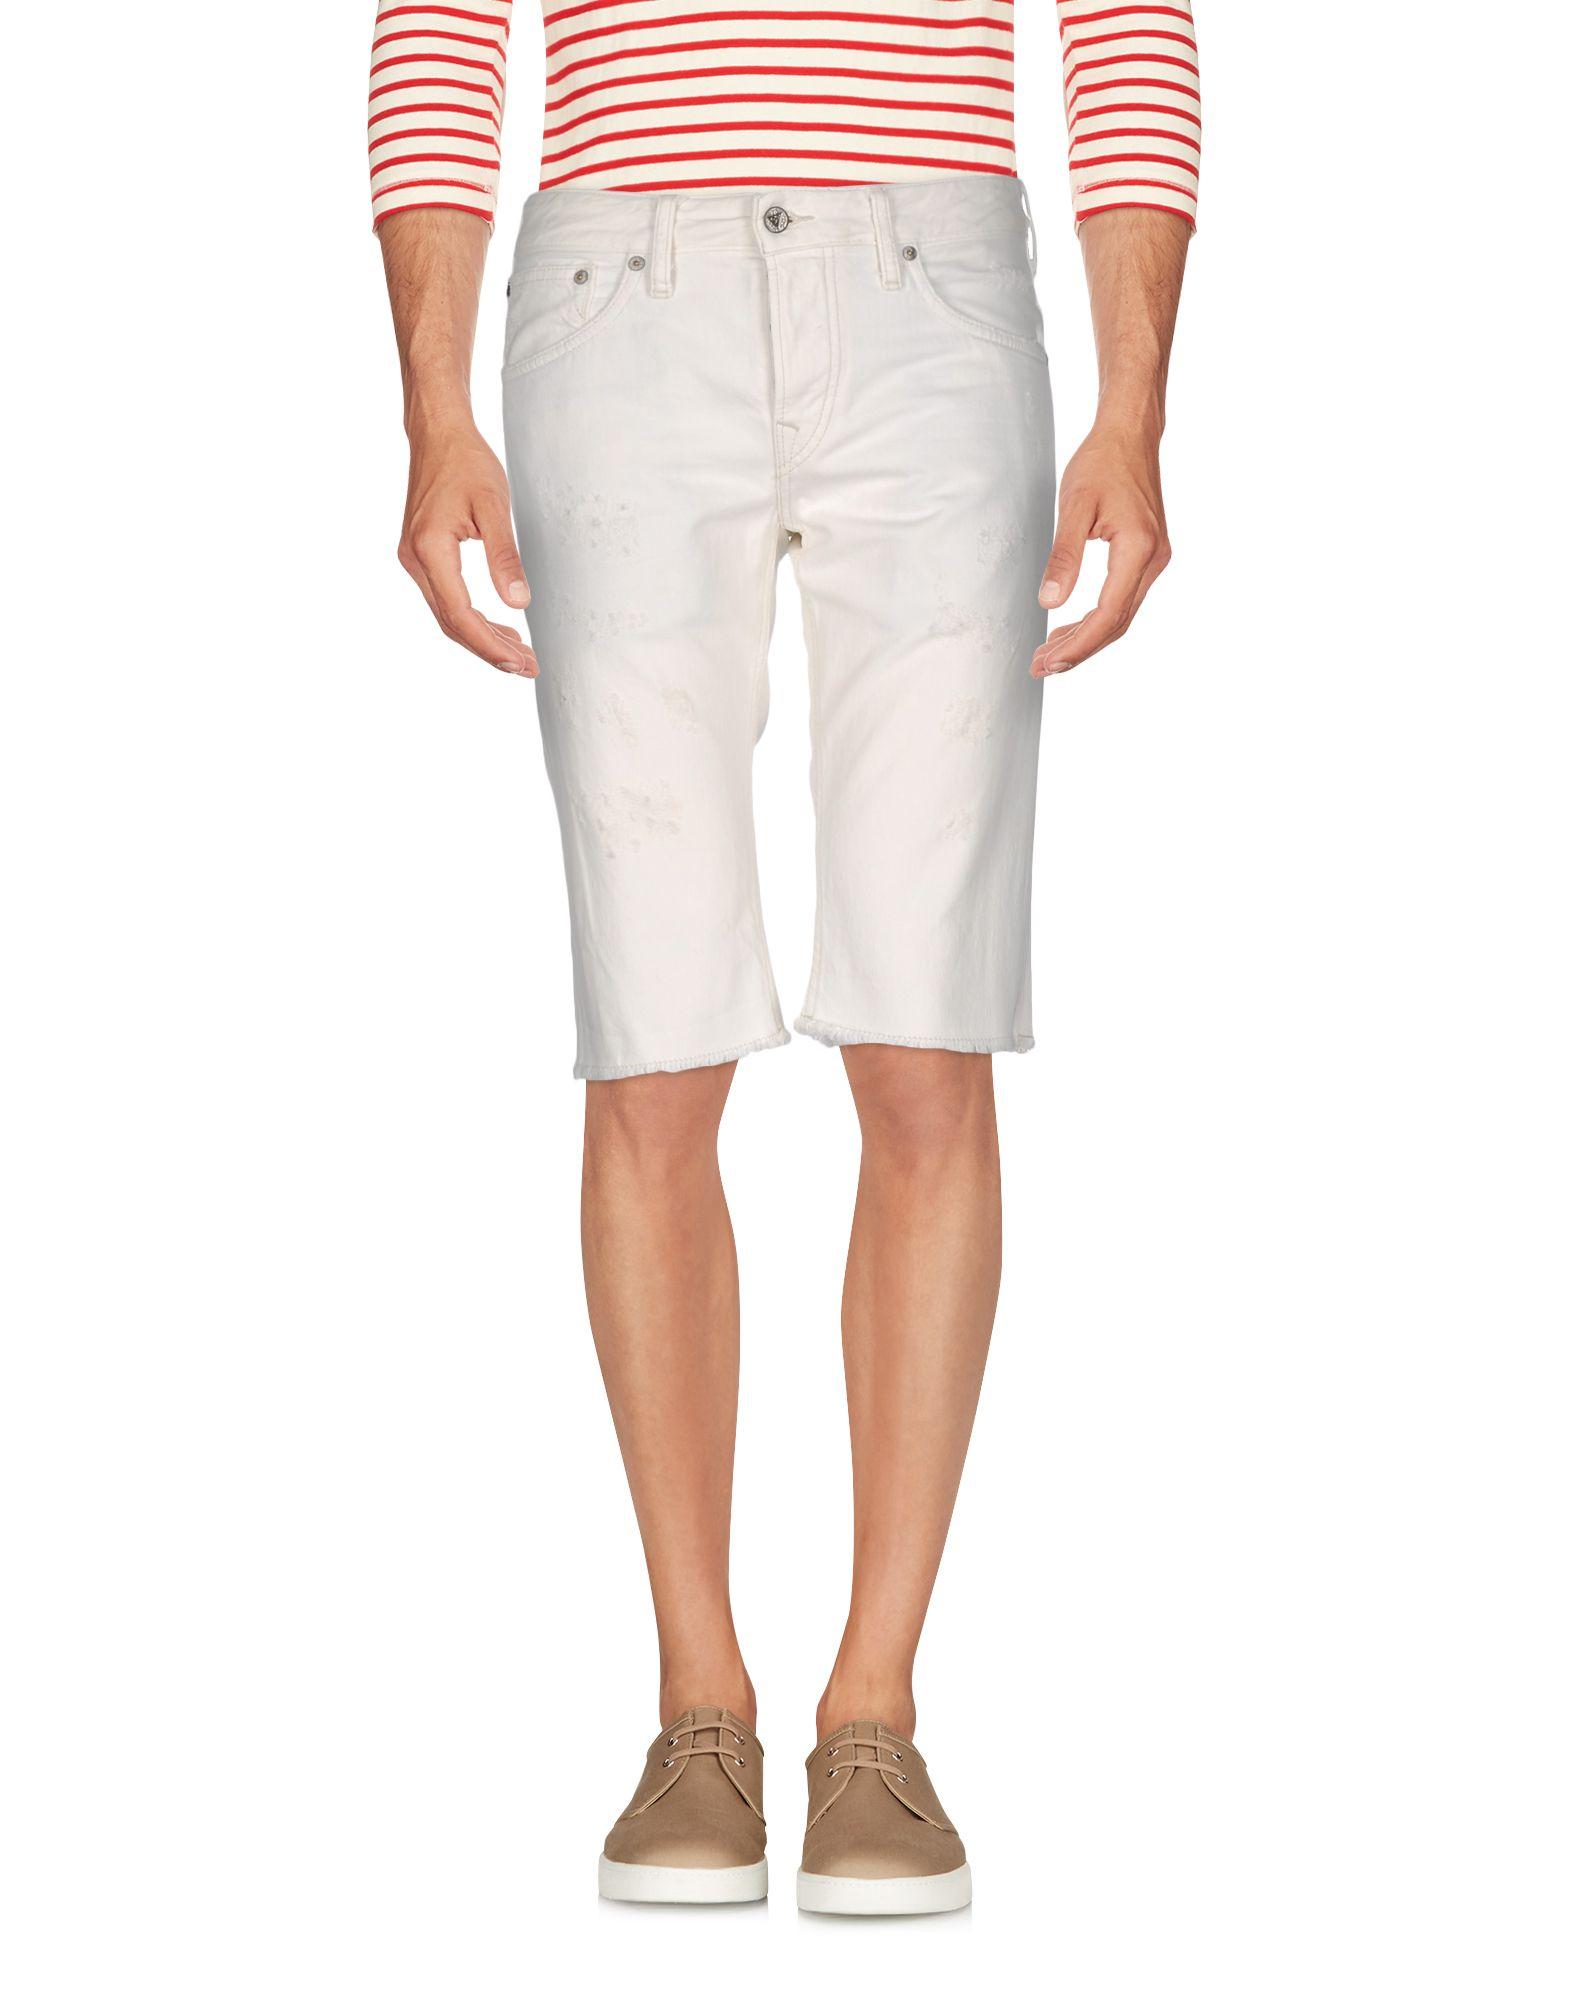 PEPE JEANS 73 Джинсовые шорты шорты pepe jeans pepe jeans pe299emiil80